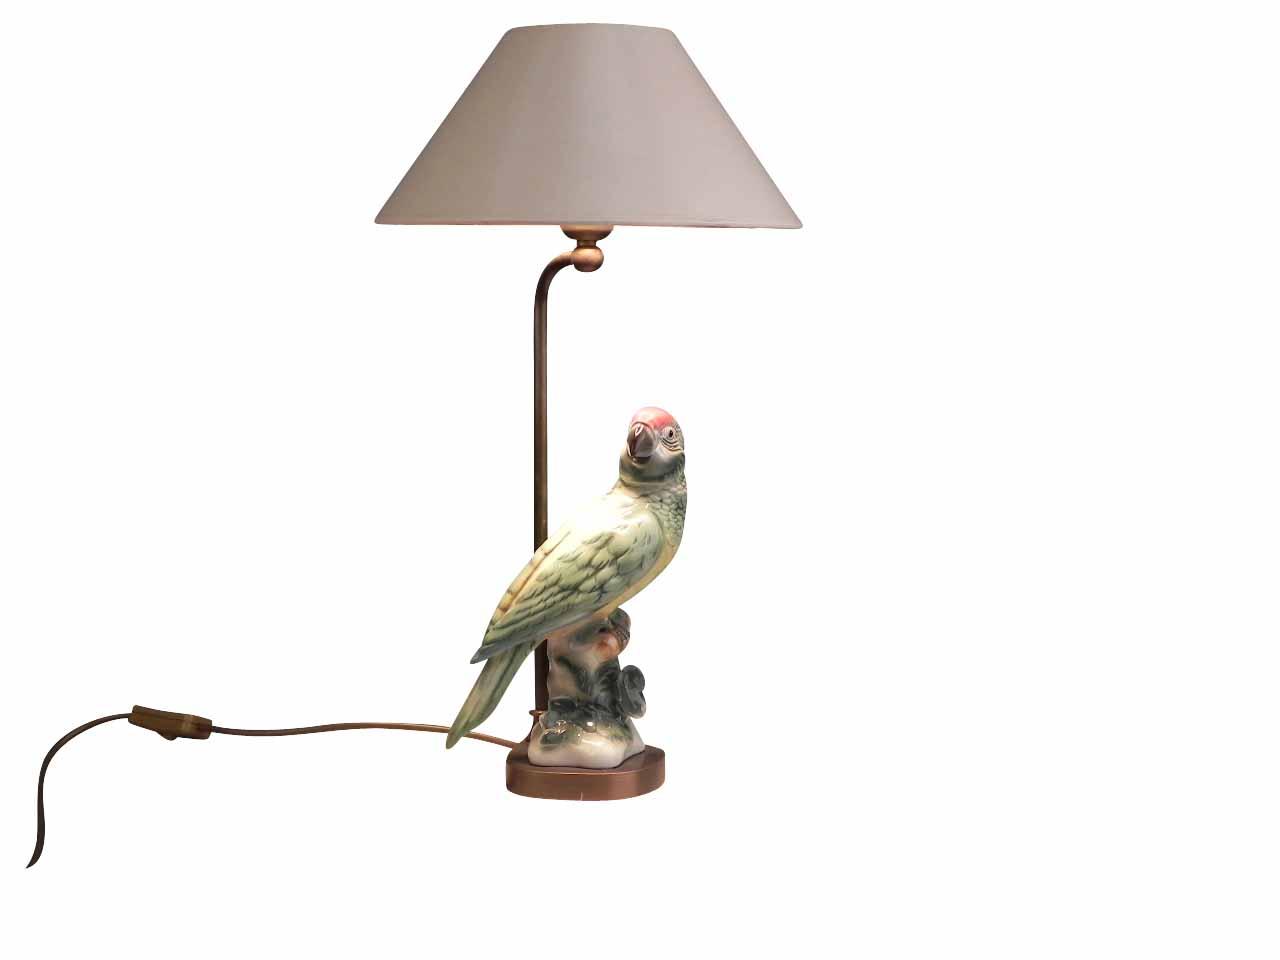 tischlampe mit buntem papagei lampen von kai. Black Bedroom Furniture Sets. Home Design Ideas